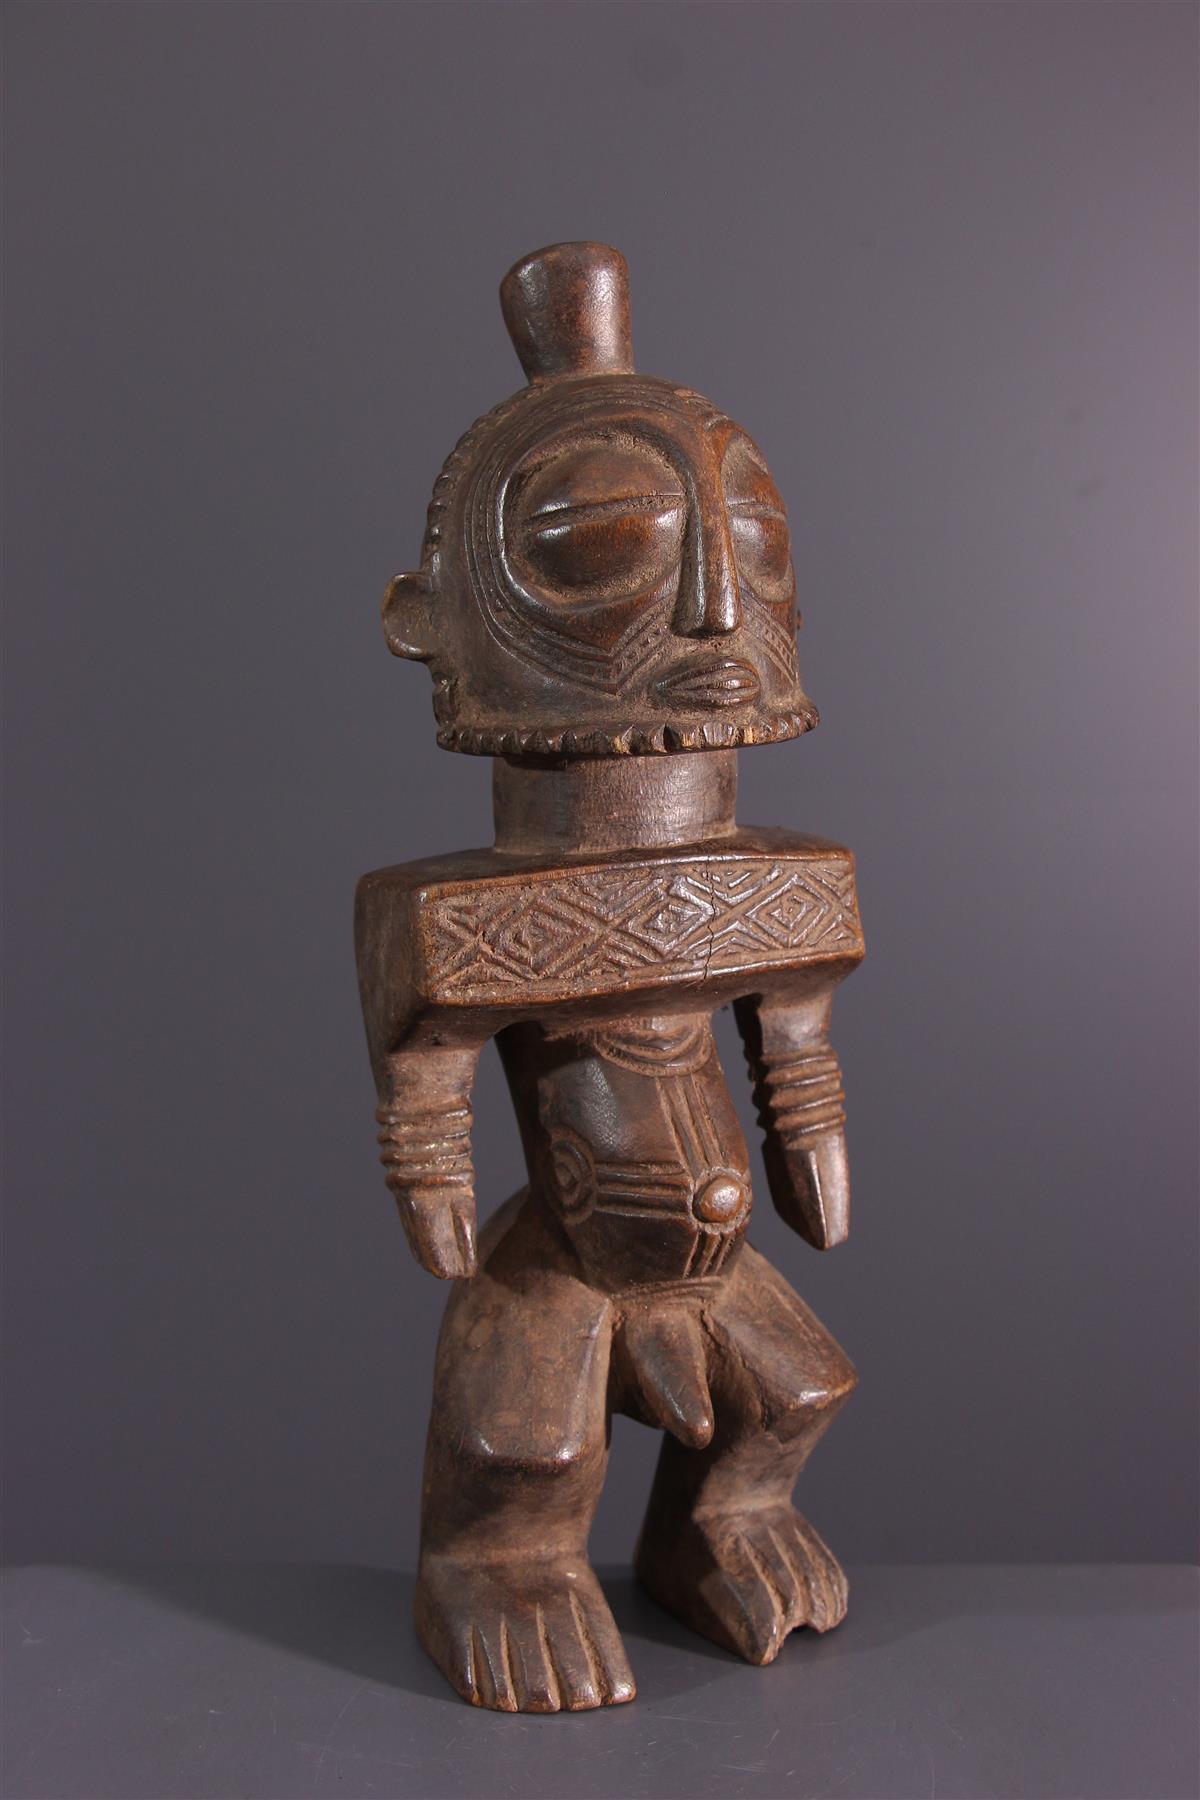 Statuette Boyo - African art